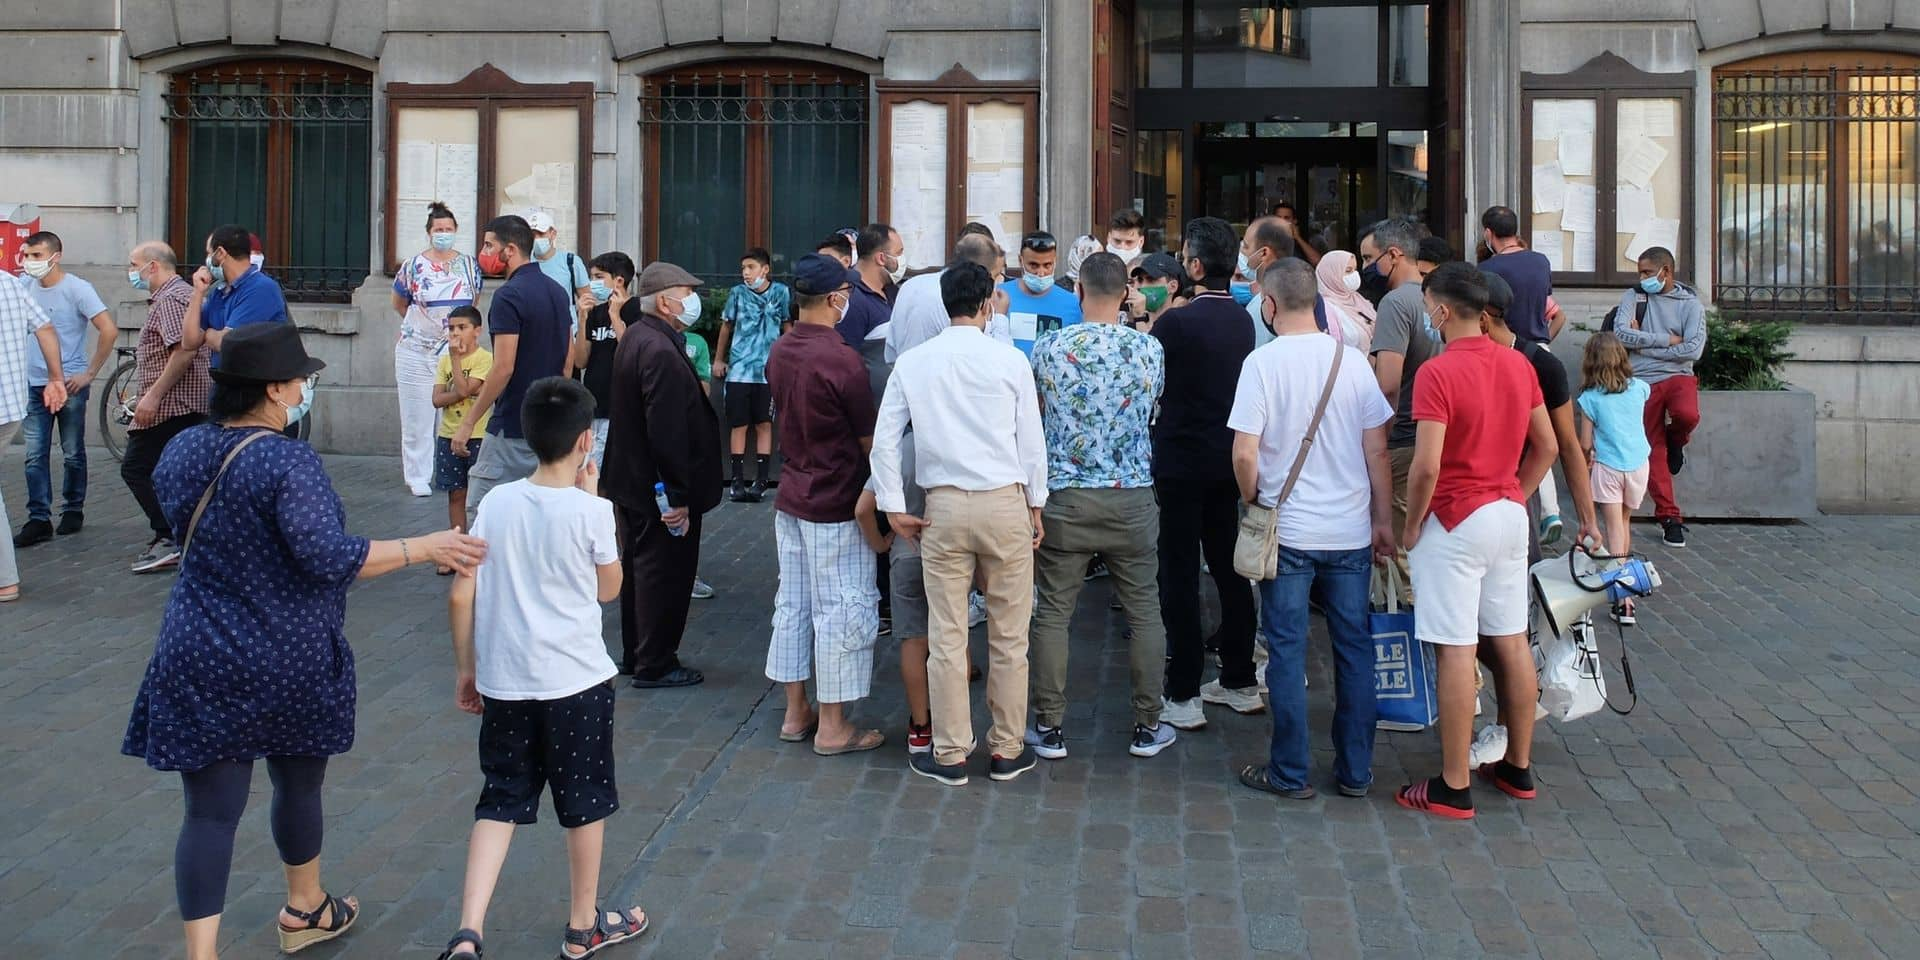 """Directeur écarté, problèmes financiers : l'opposition dénonce un """"terrible mic-mac"""" à Molenbeek Sport"""